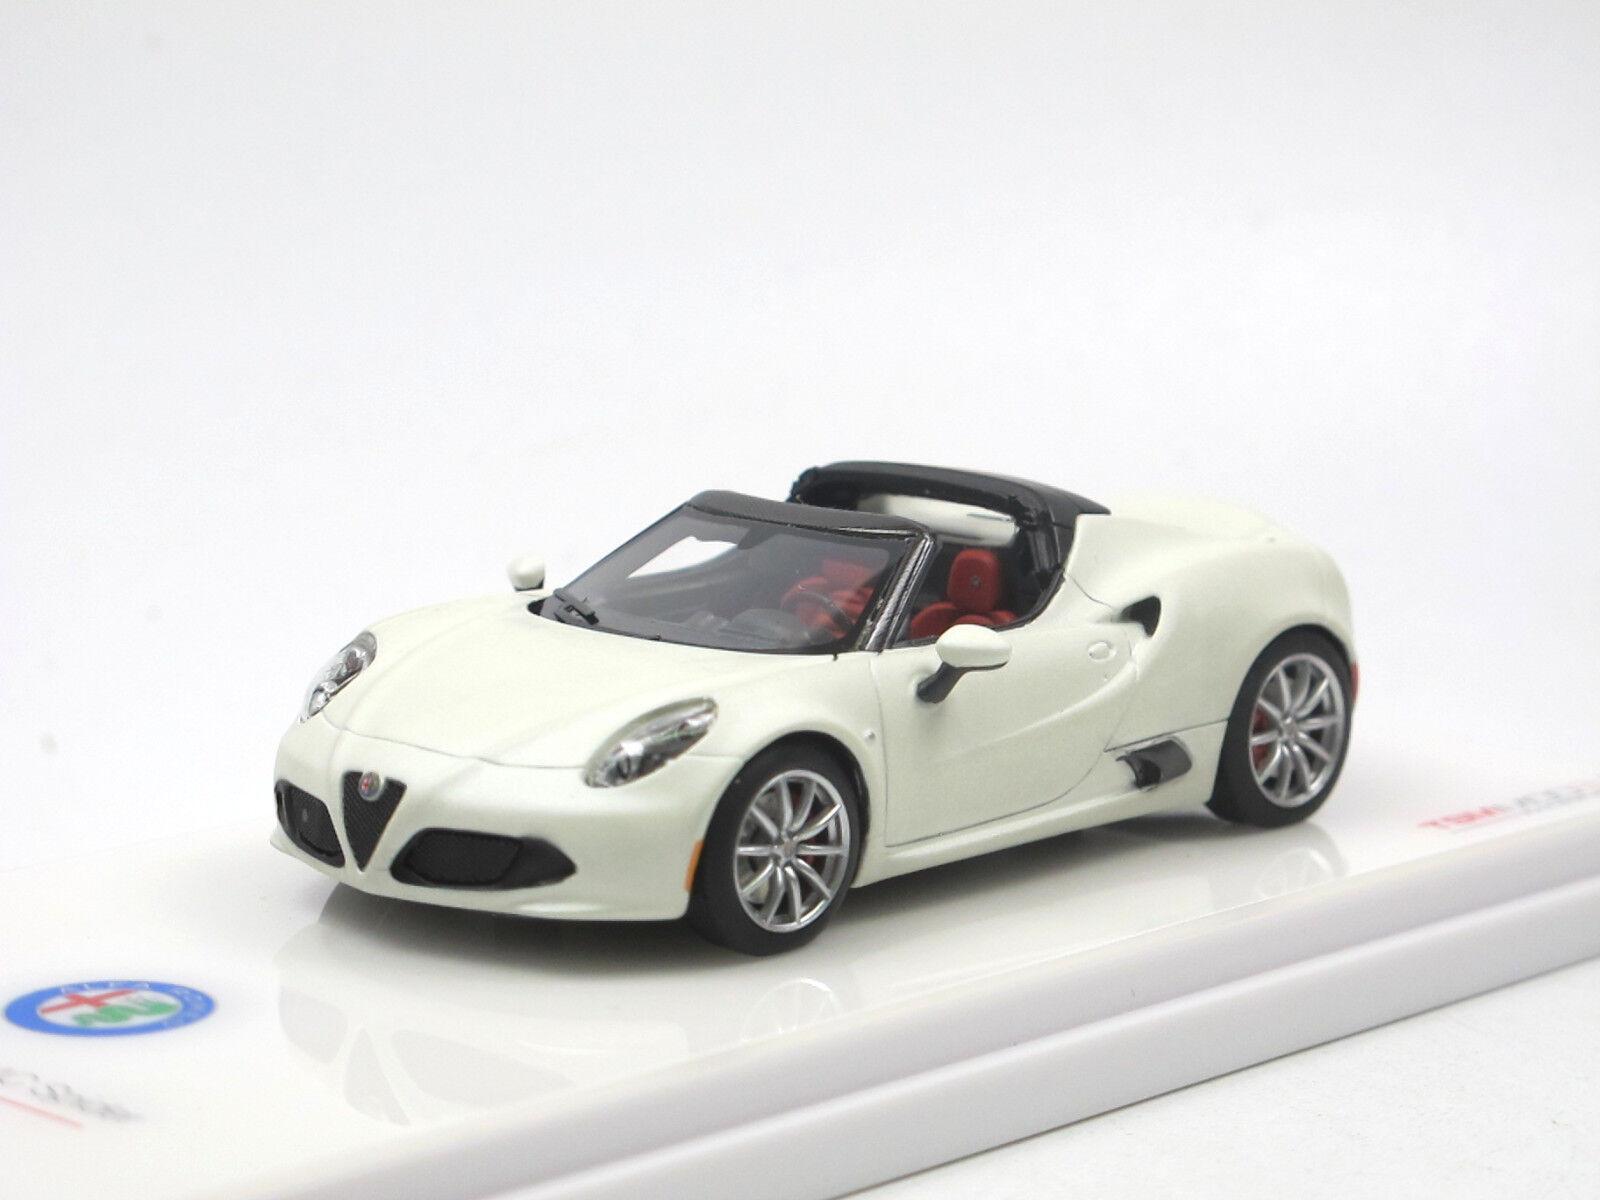 Alfa romeo 4c tsm modell tsm430141 spider 2016 mattweiss - modellauto angelegt haben 1 43